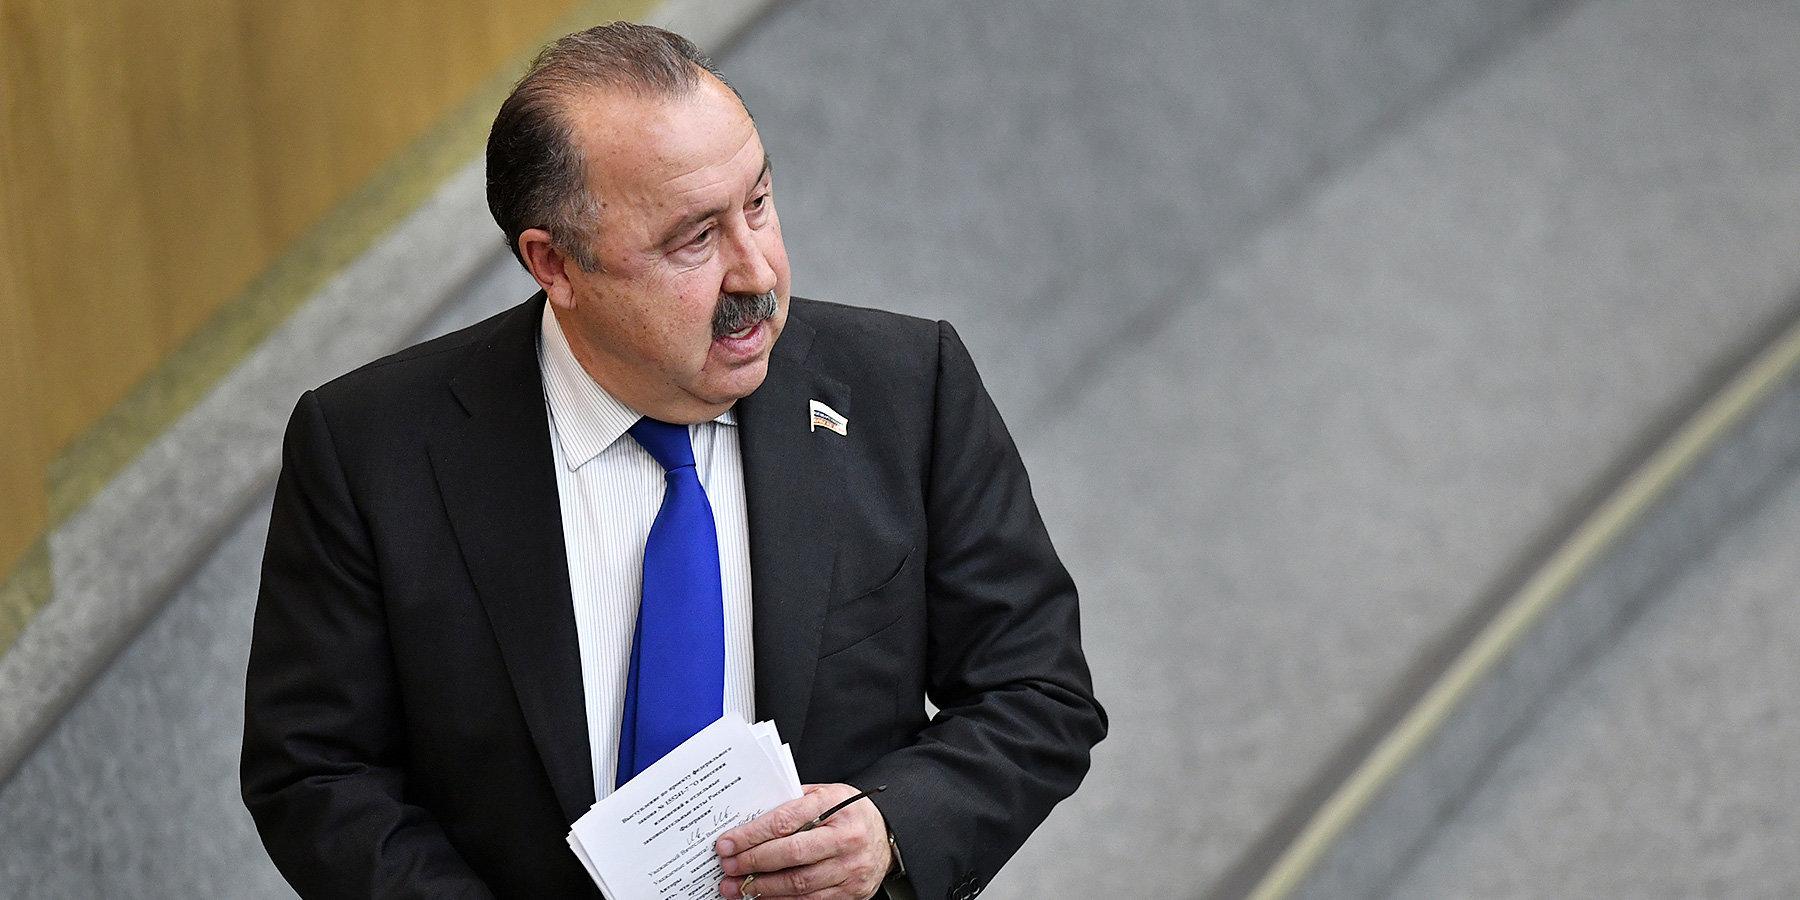 Валерий Газзаев: «Футбольная сборная недавно проиграла 0:5, тоже стали требовать отставки Черчесова»